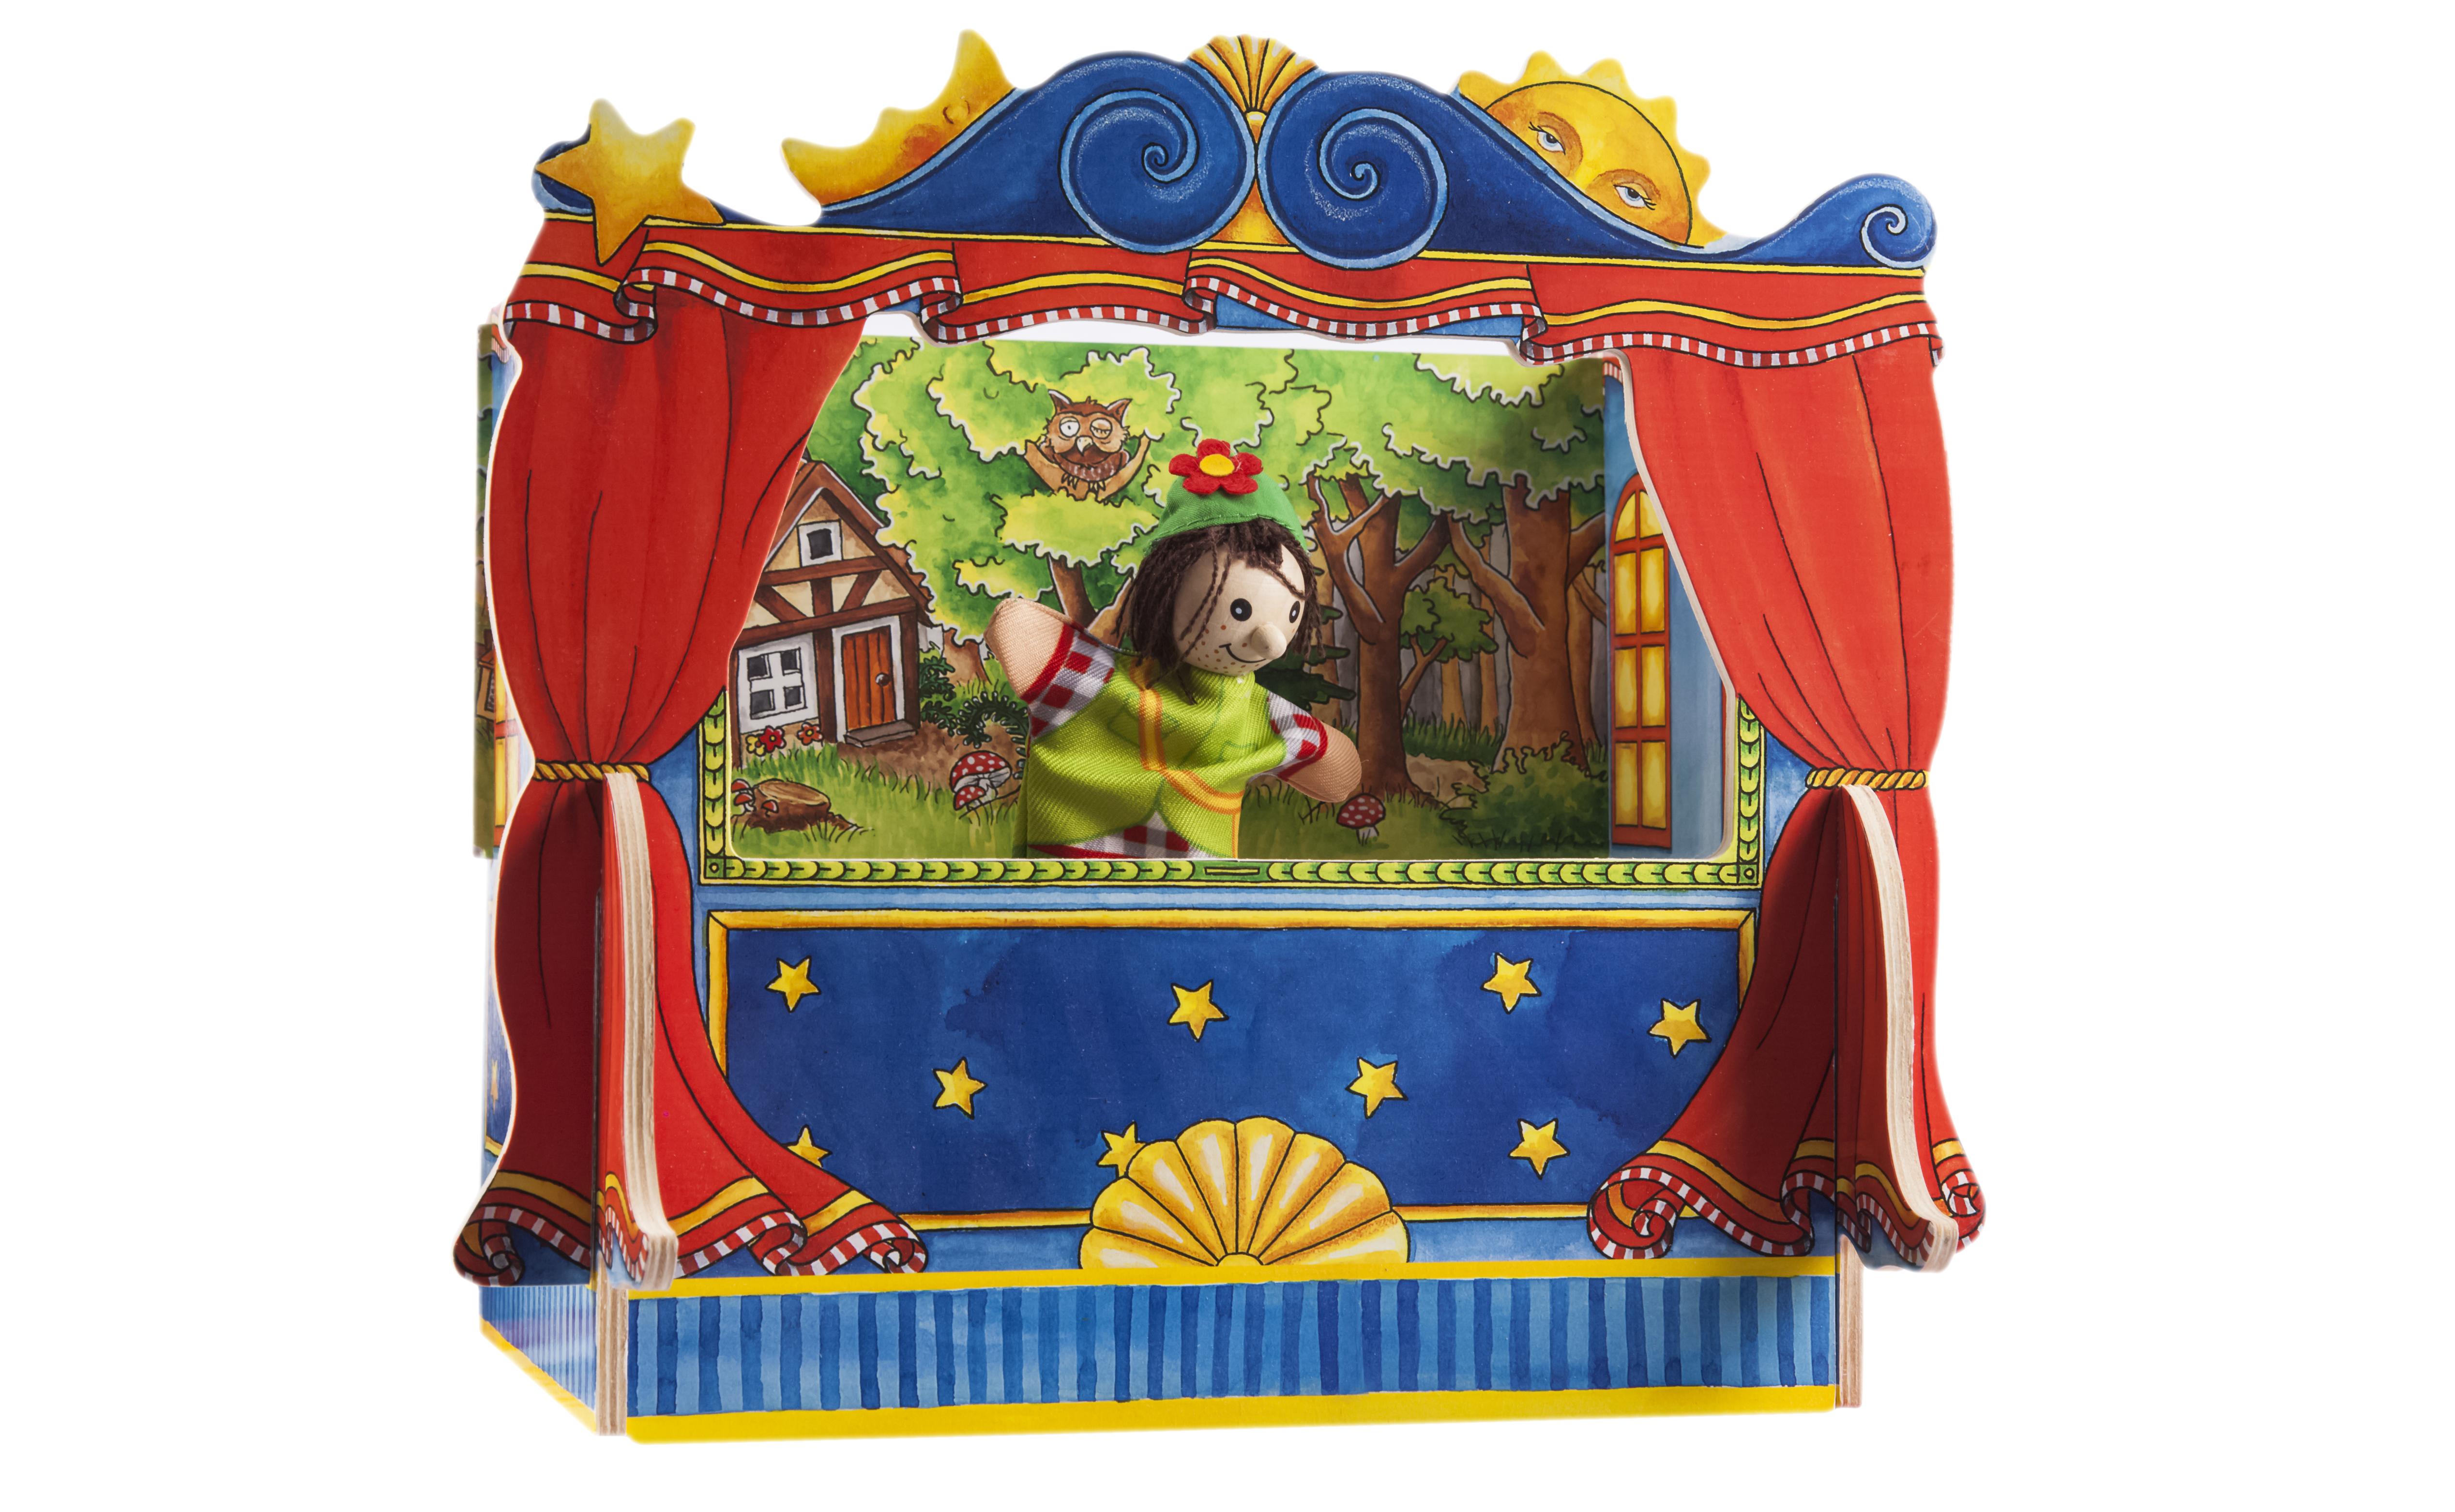 необычный домашний кукольный театр в картинках некоторых парней